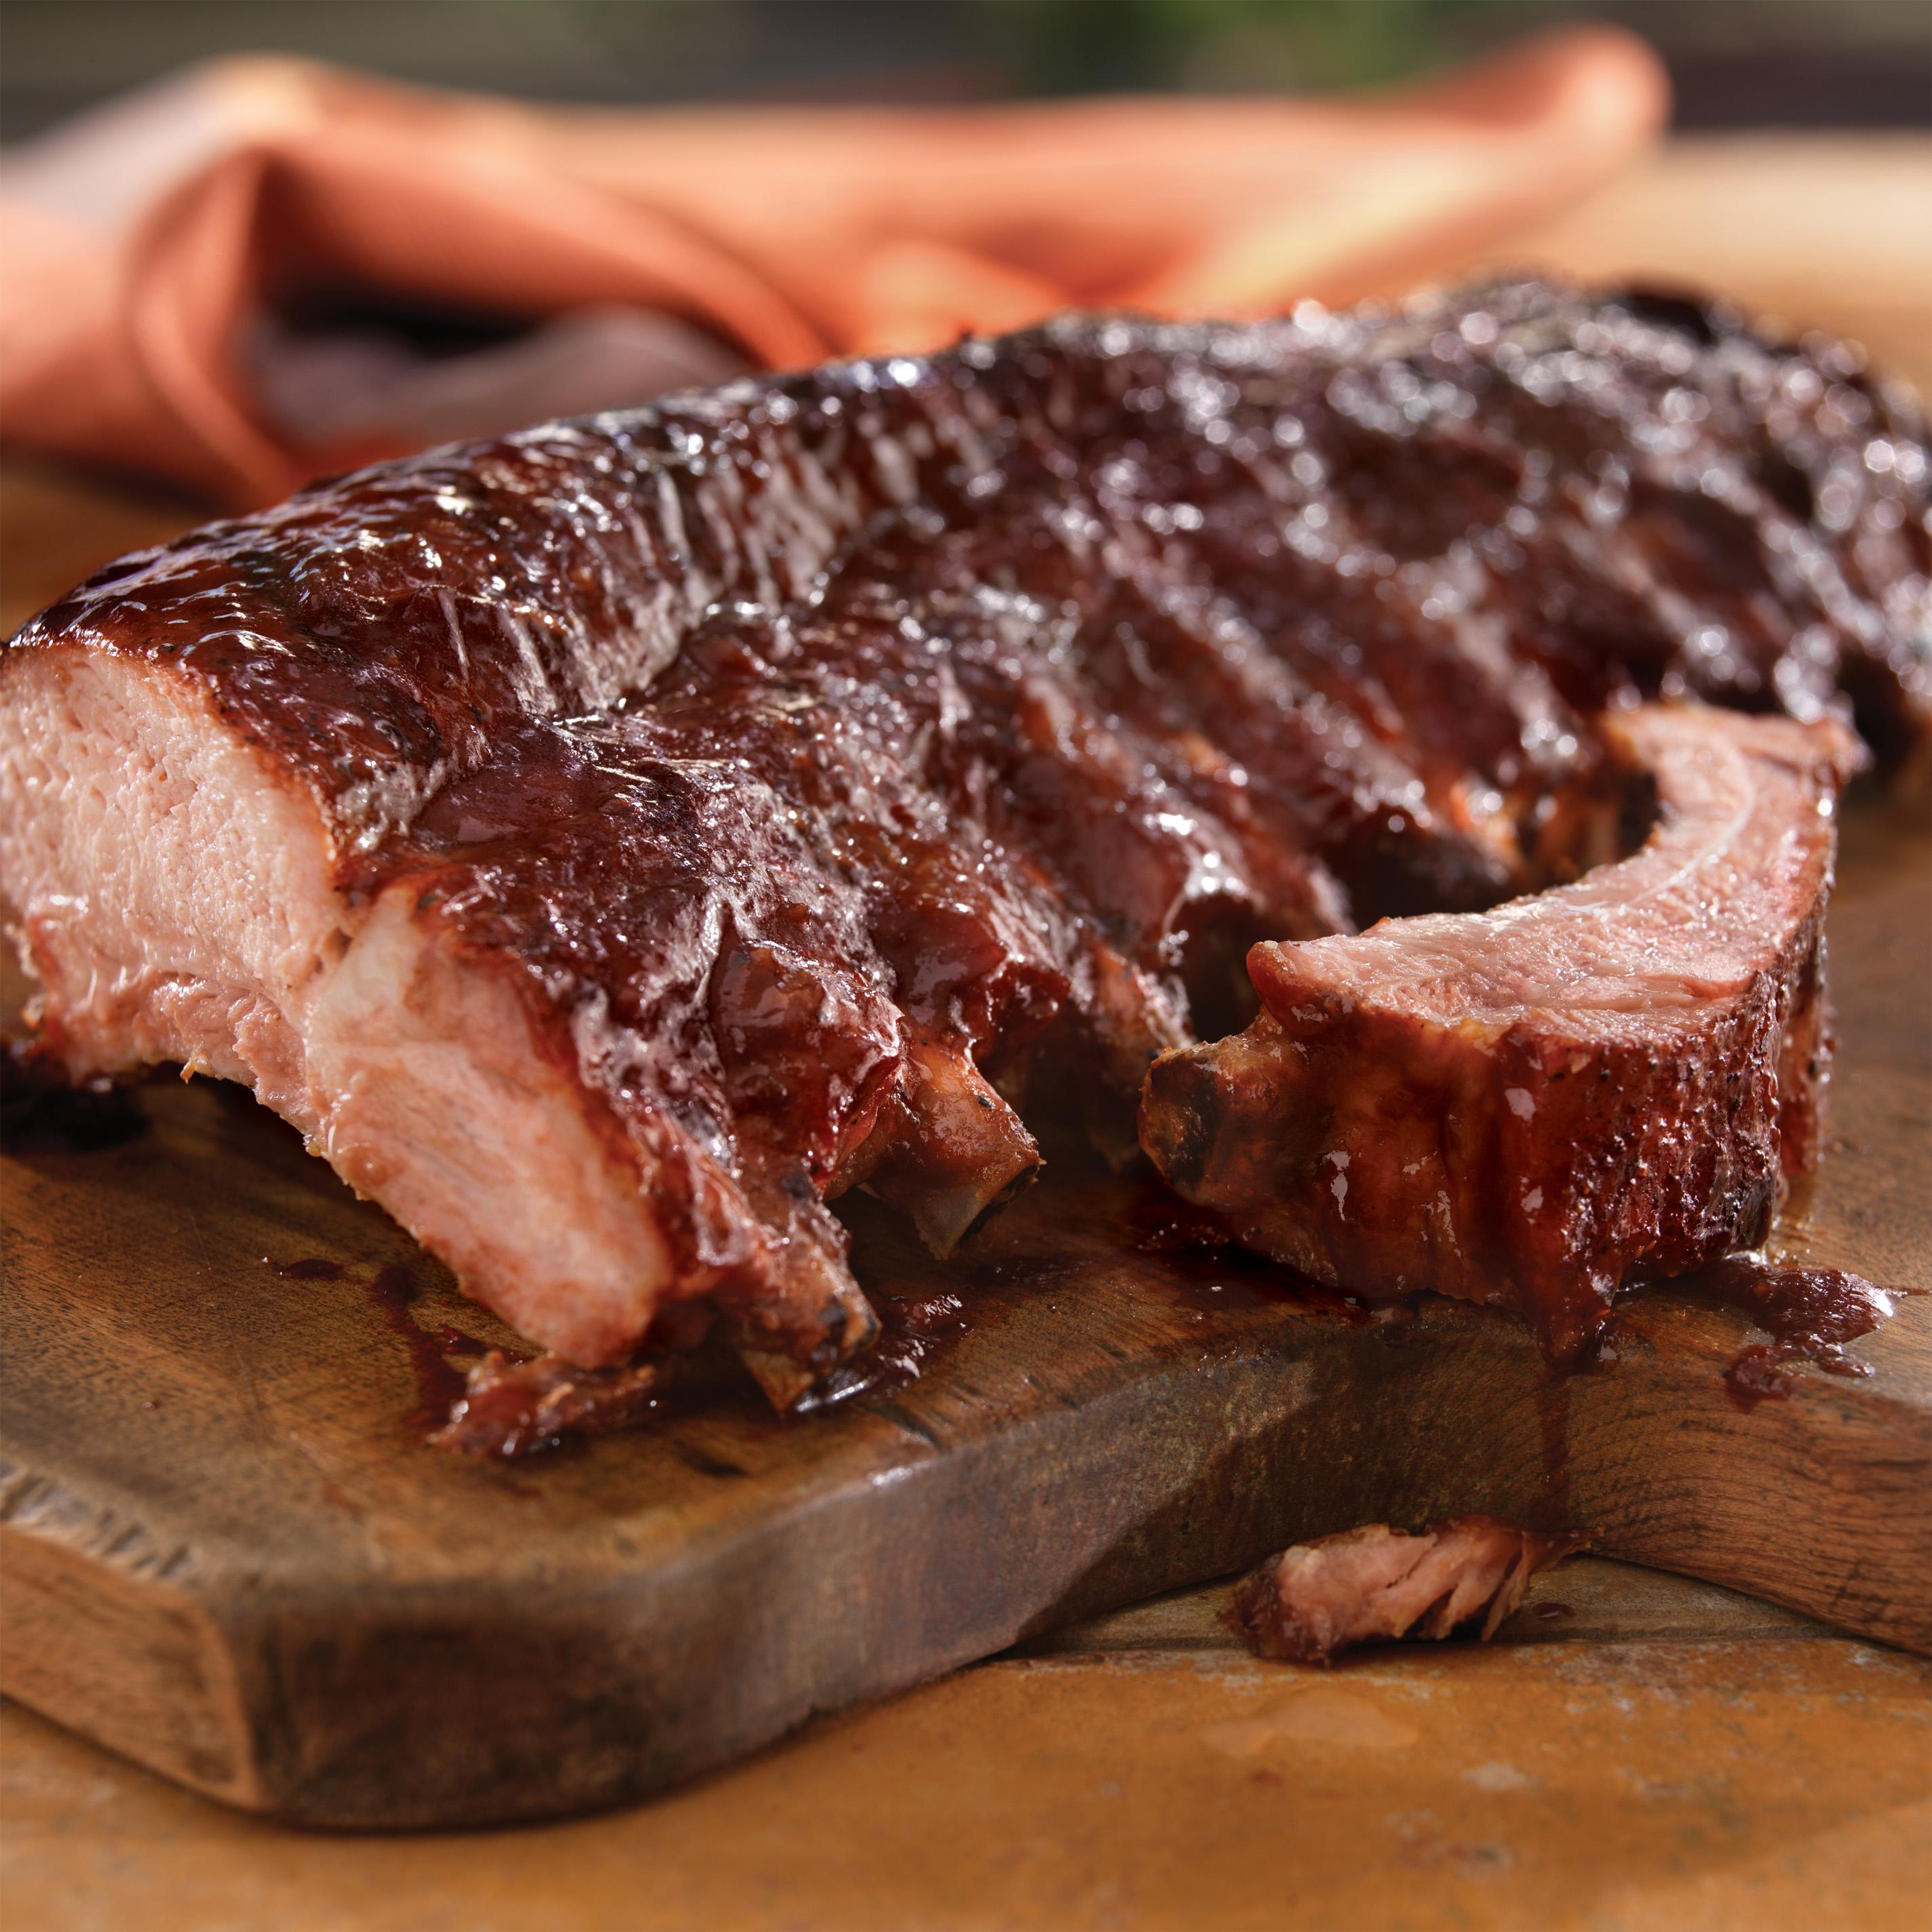 Smoked Pork Rib Roast Recipe